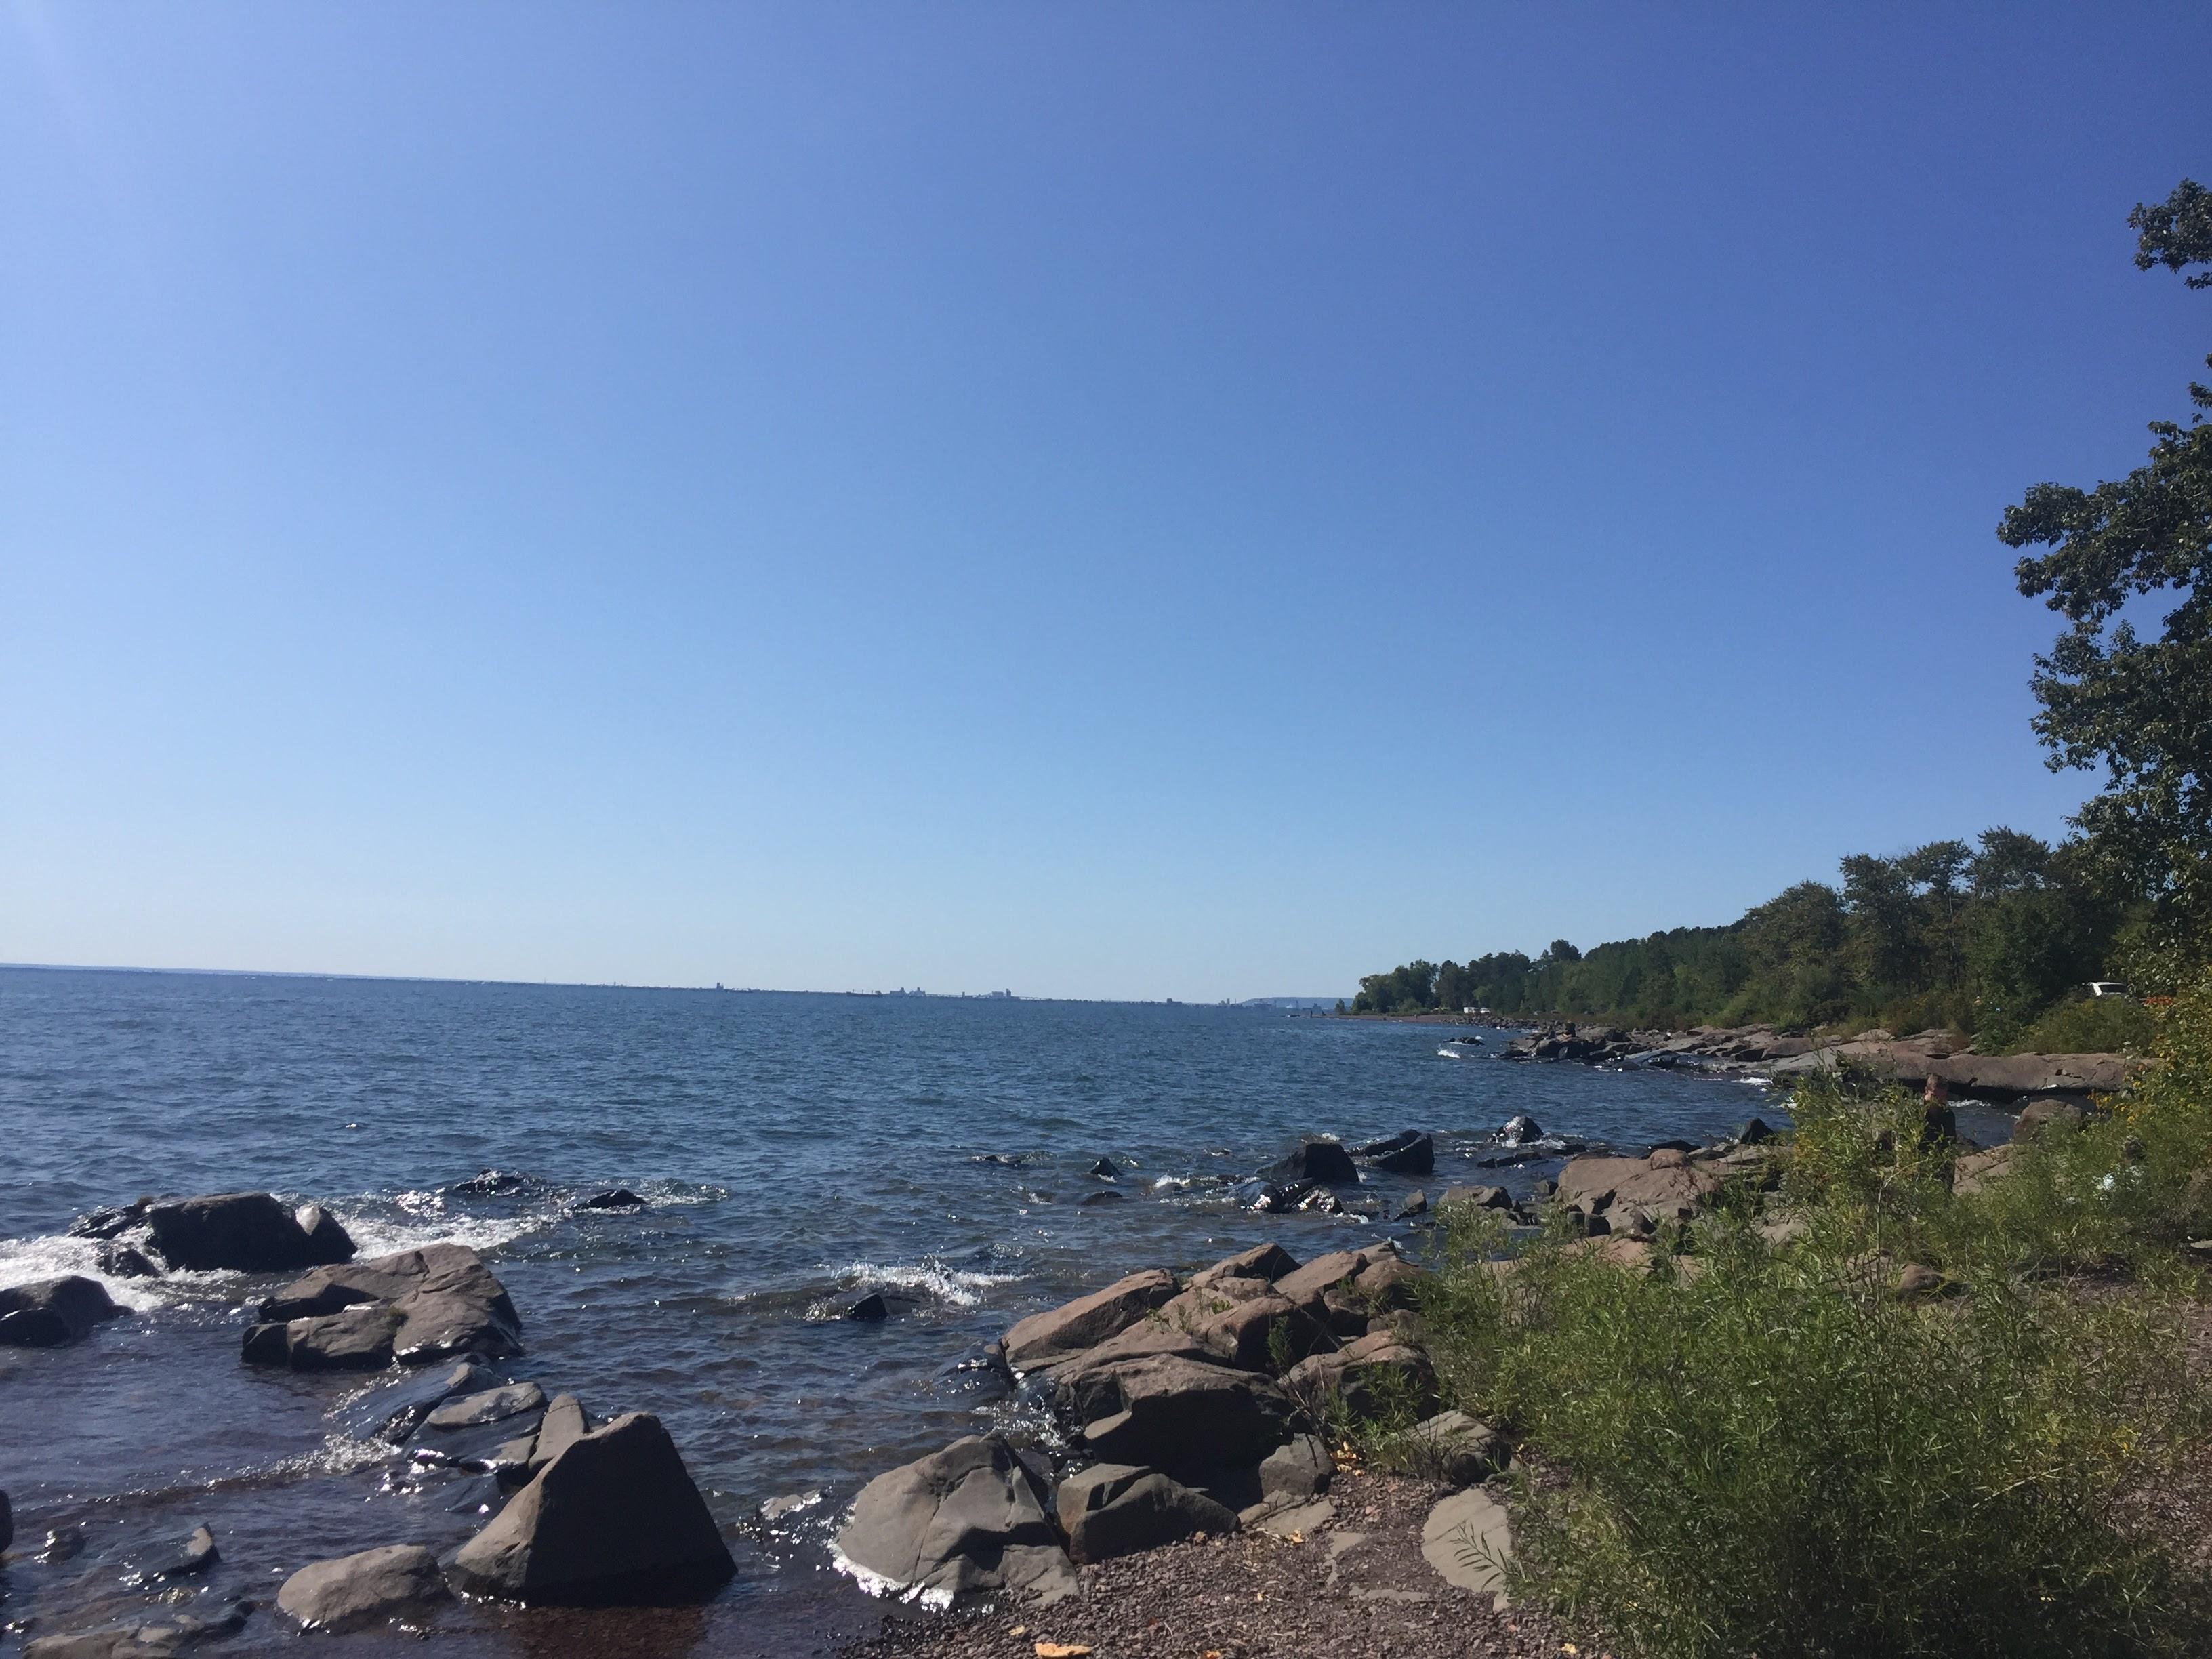 2017-09-09 North Shore 01